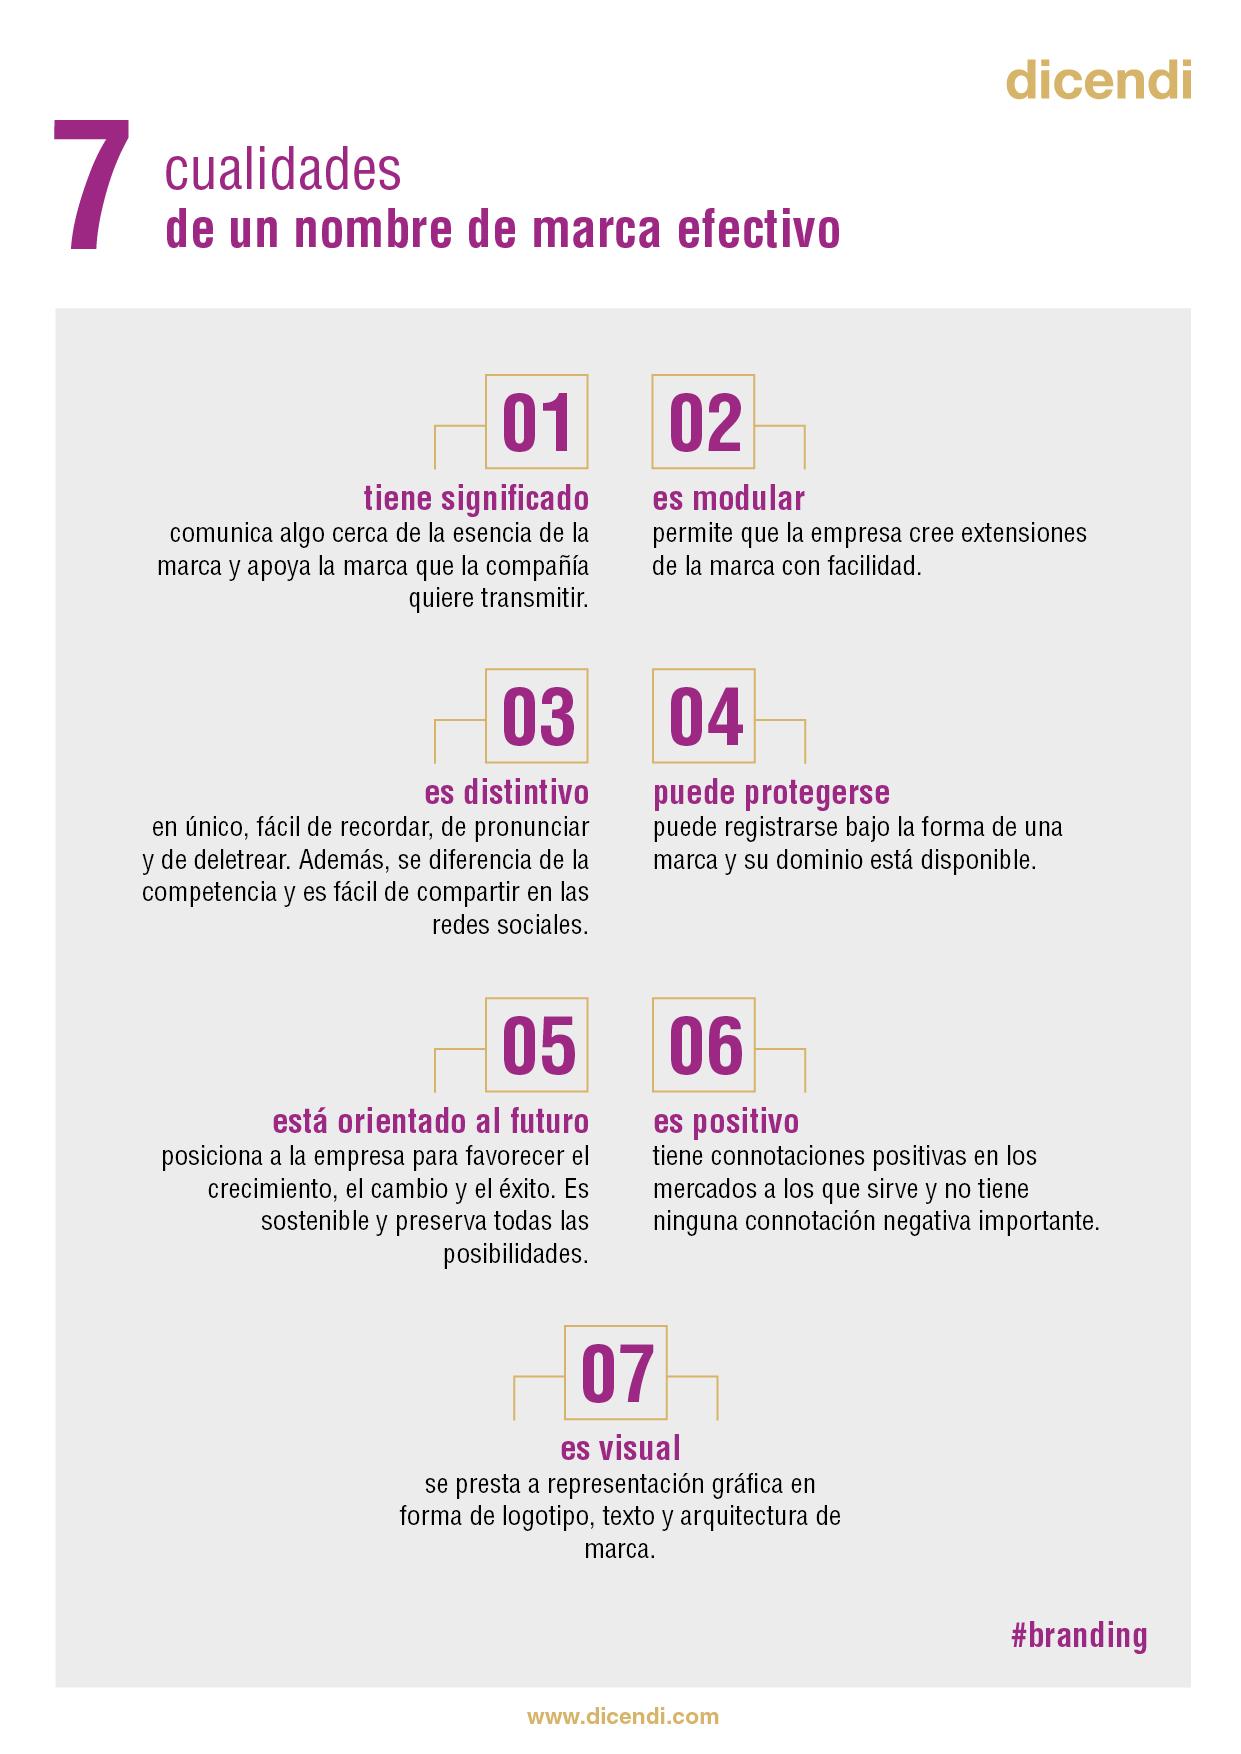 7 cualidades de un nombre de marca efectivo